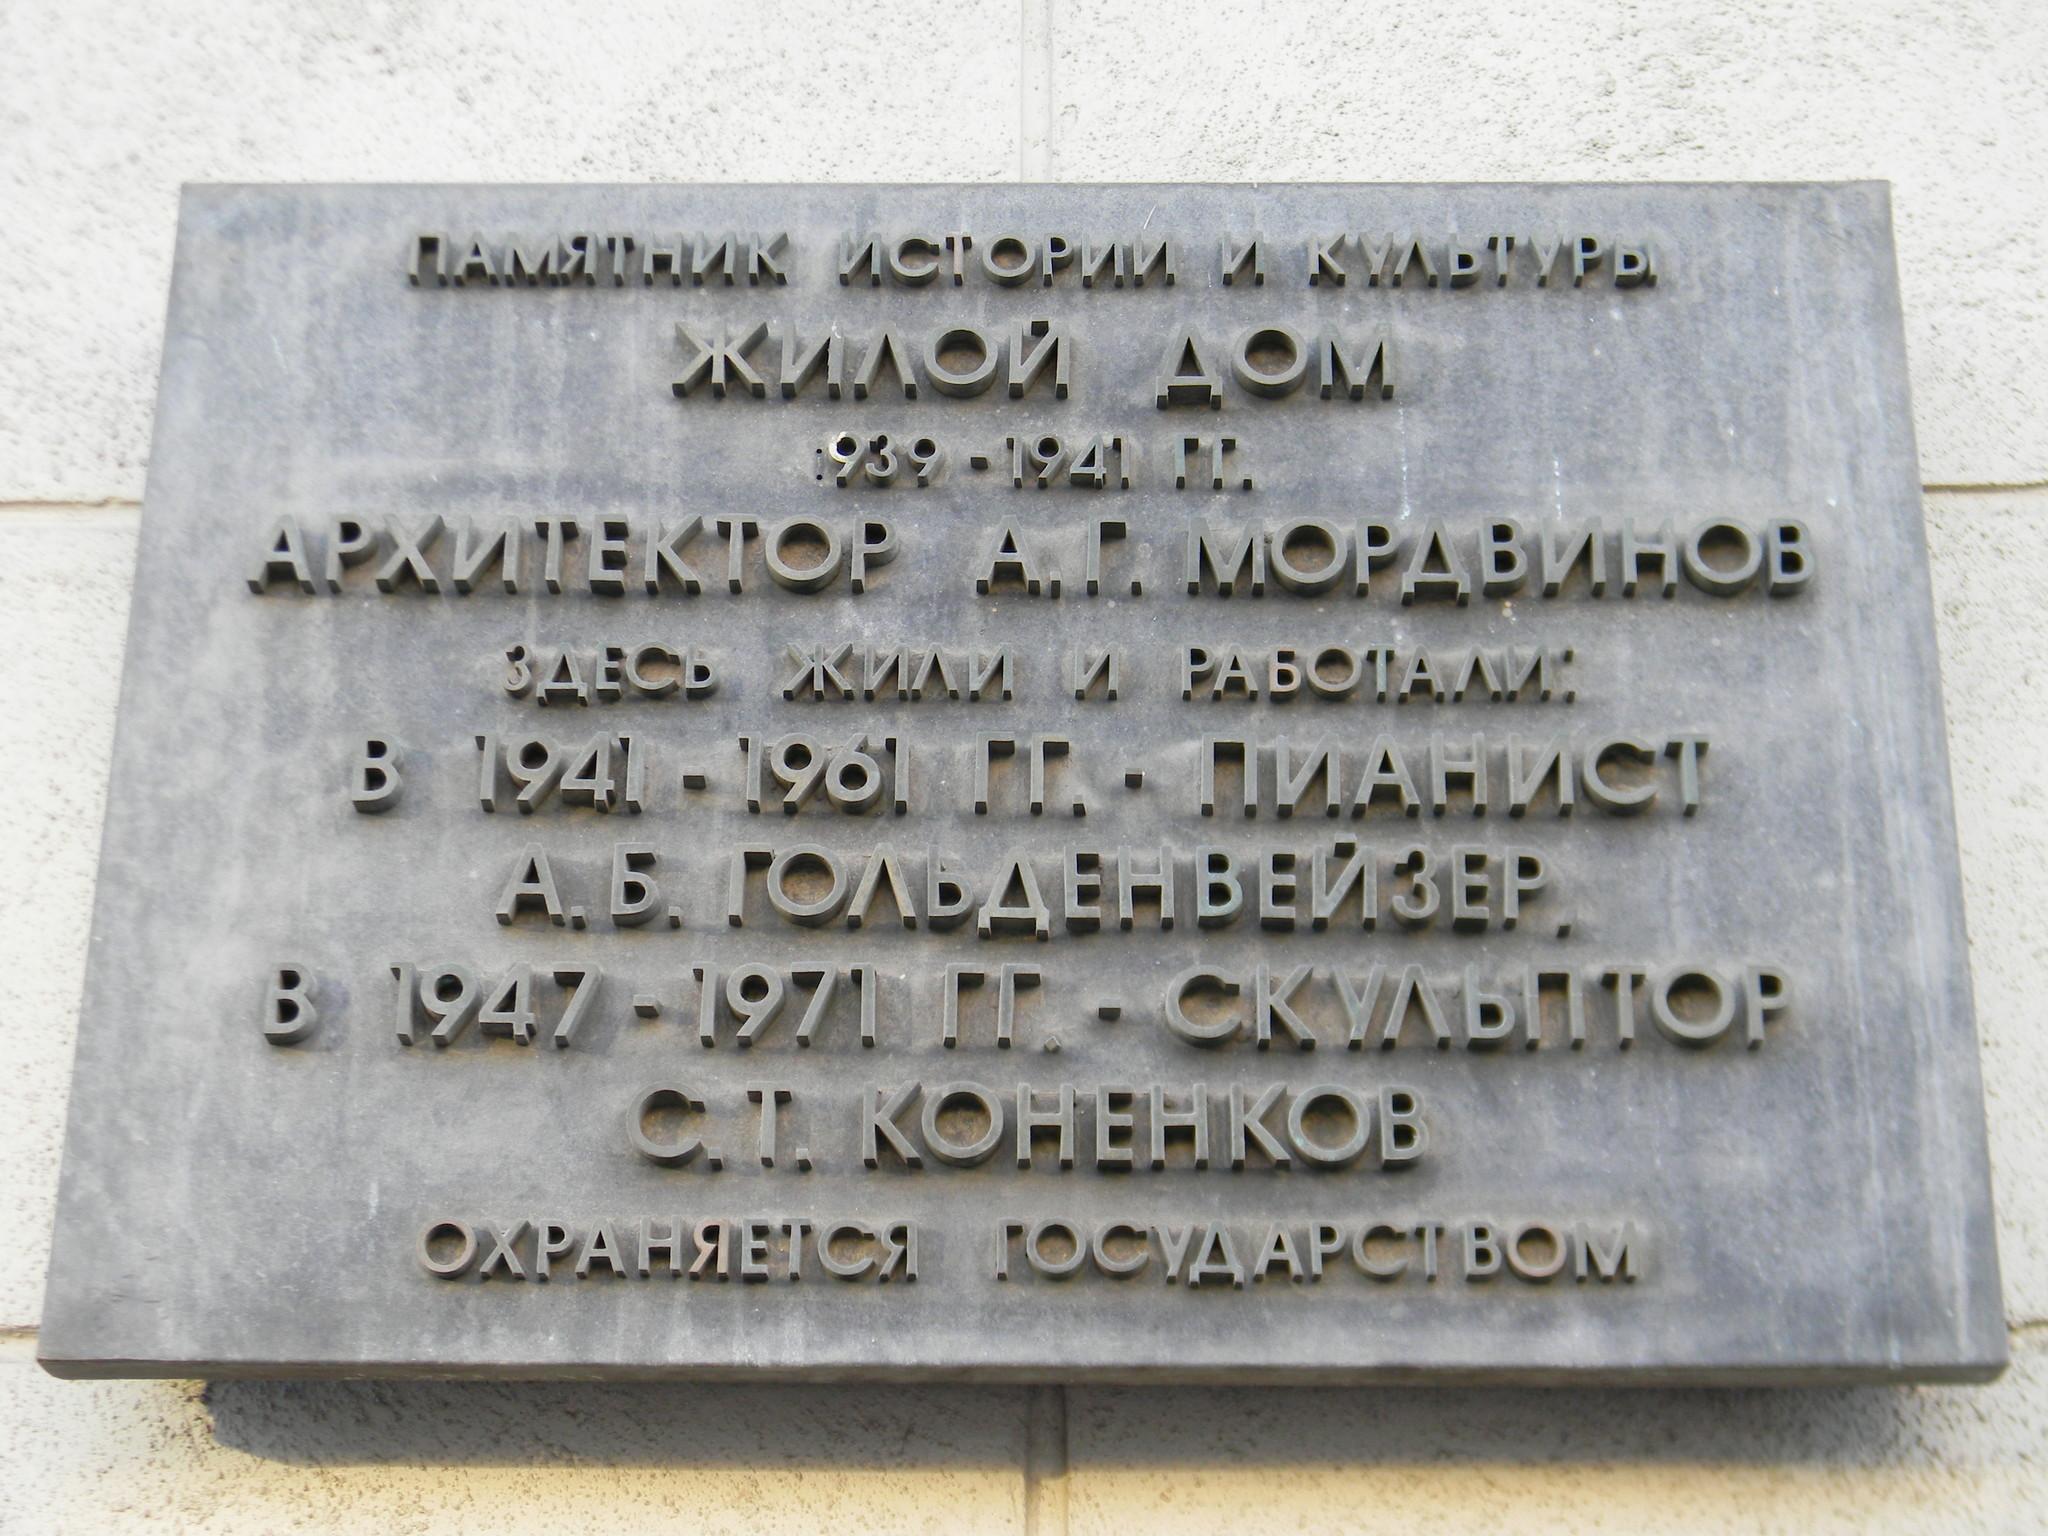 Мемориальная доска на фасаде дома № 17 на Тверской улице в Москве, где с 1947 года по 1971 год жил и работал скульптор Сергей Тимофеевич Конёнков